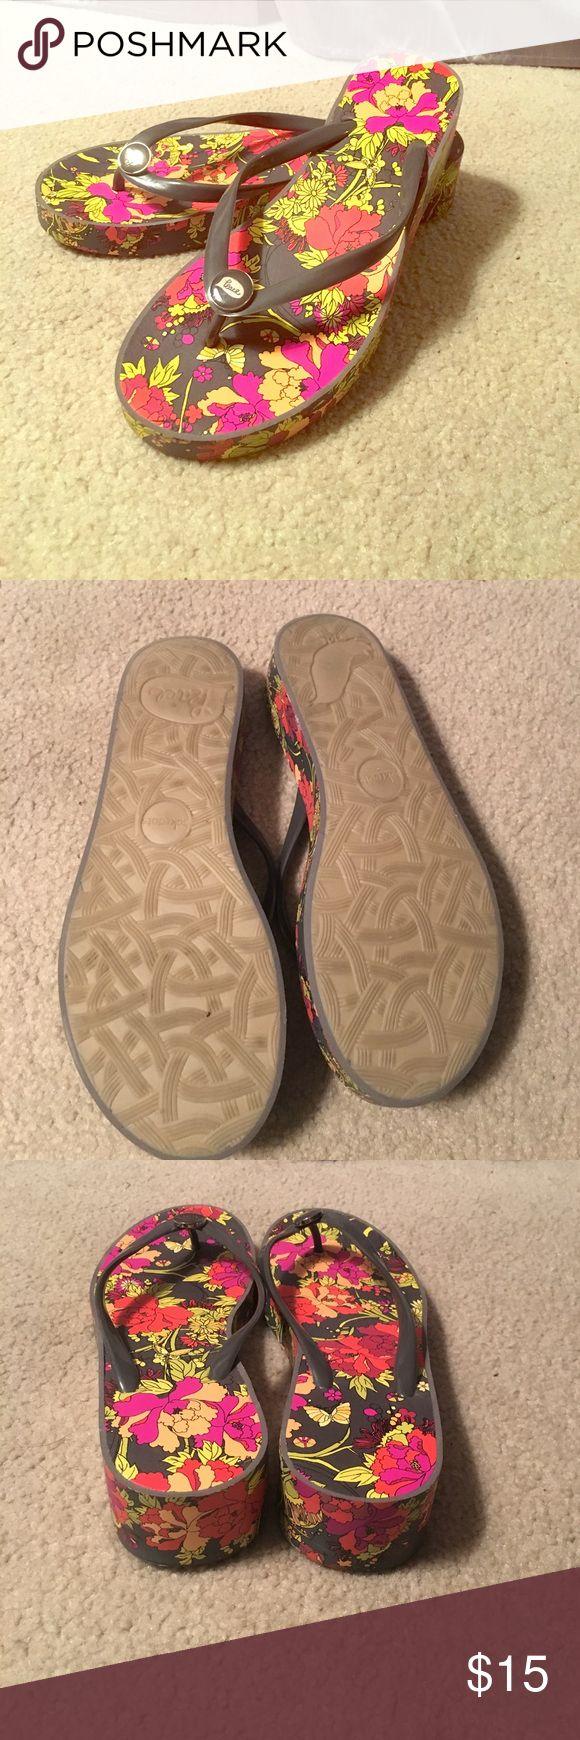 Wedge flip flops Floral wedge flip flops, almost new sakroots Shoes